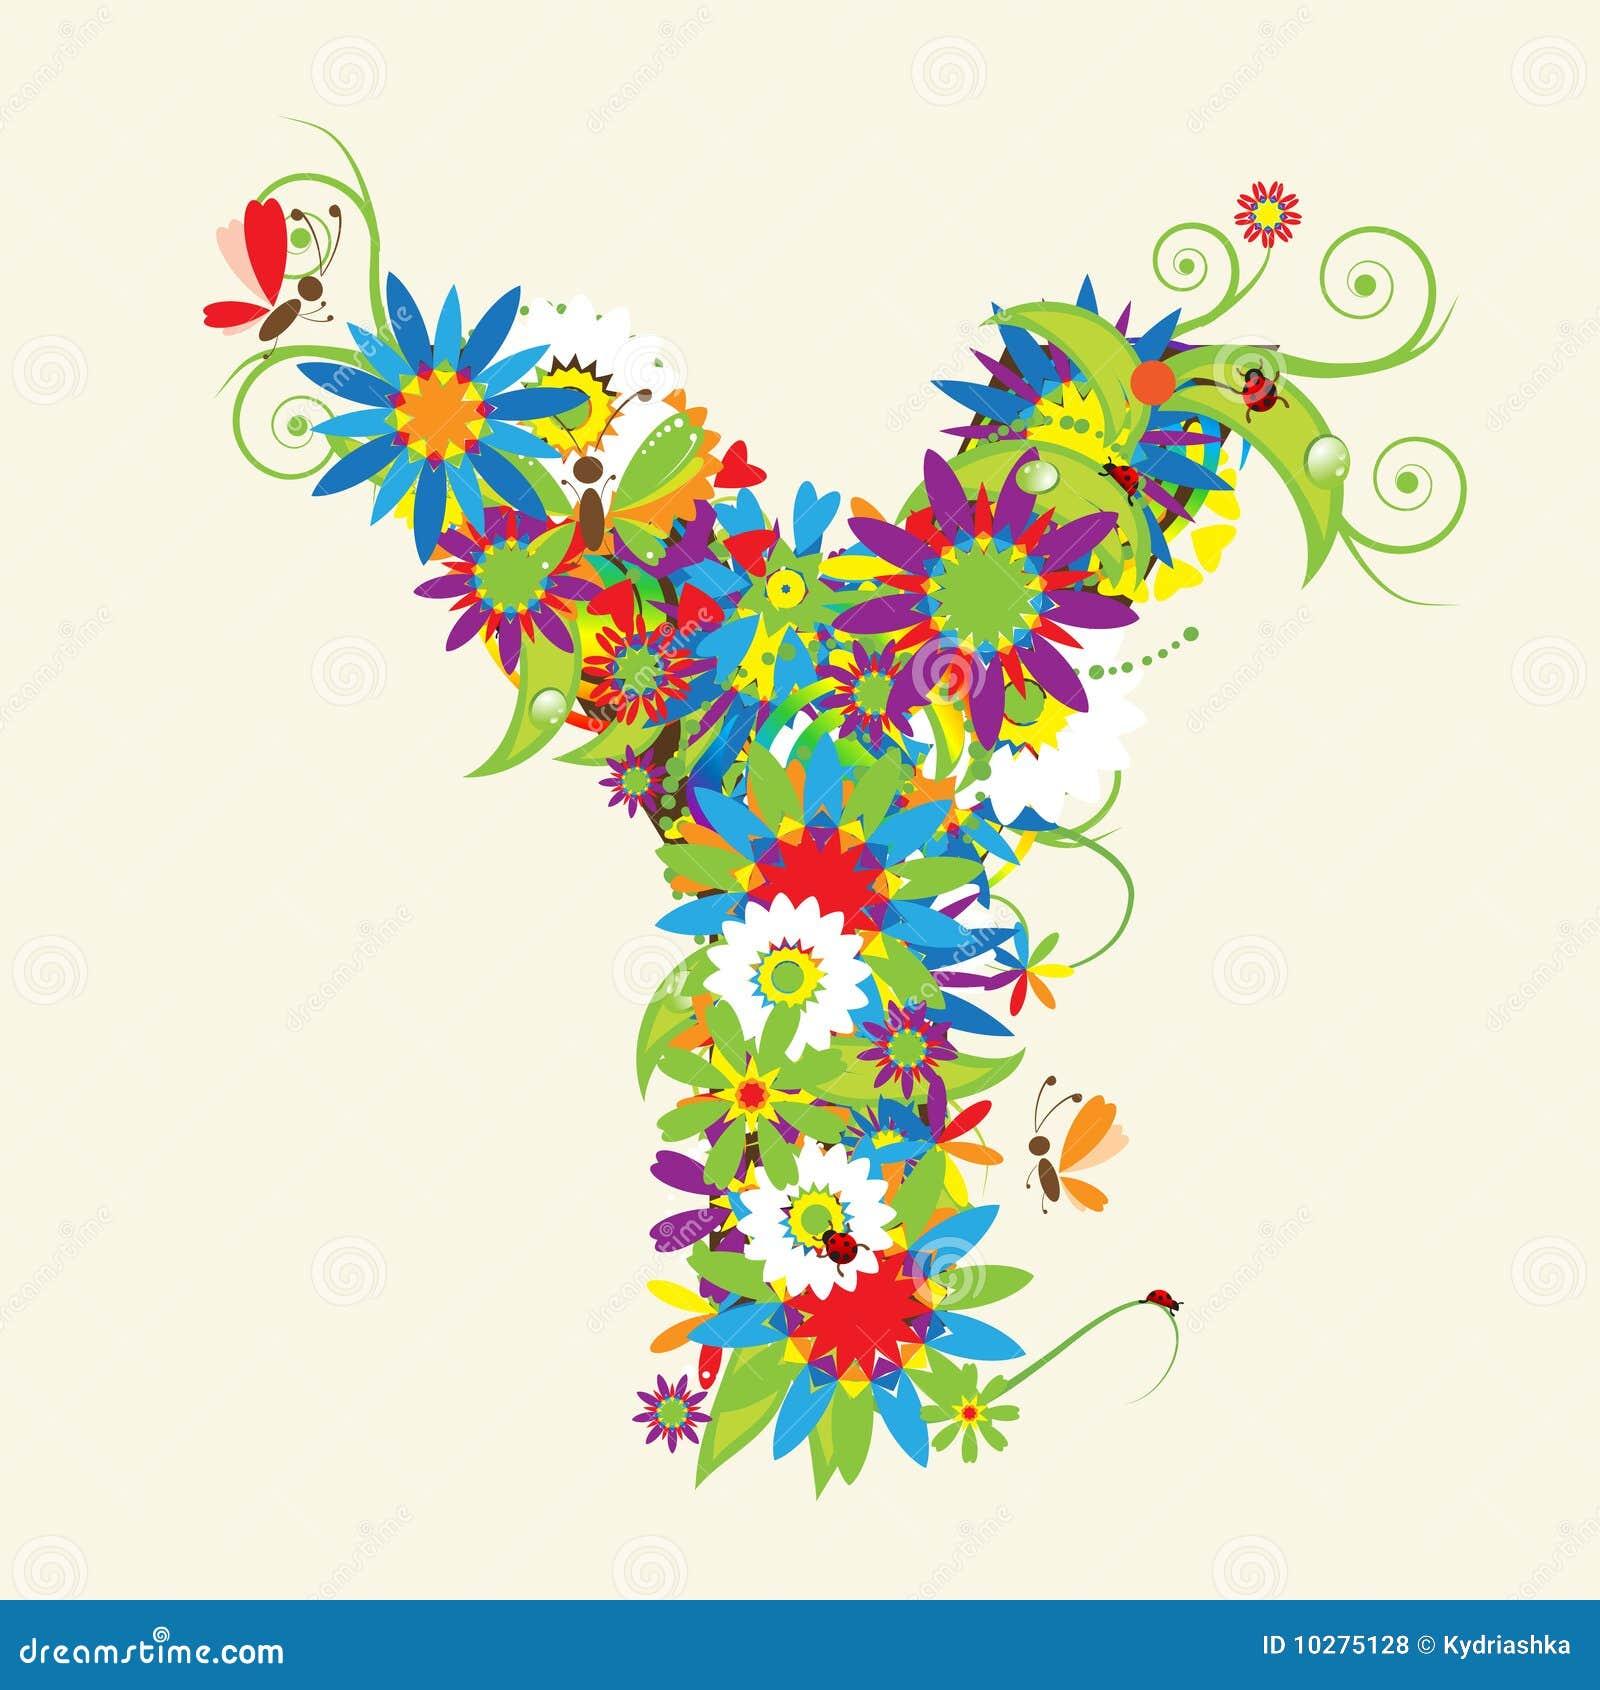 Alphabet Letter Designs Art: Letter Y, Floral Design Stock Vector. Illustration Of